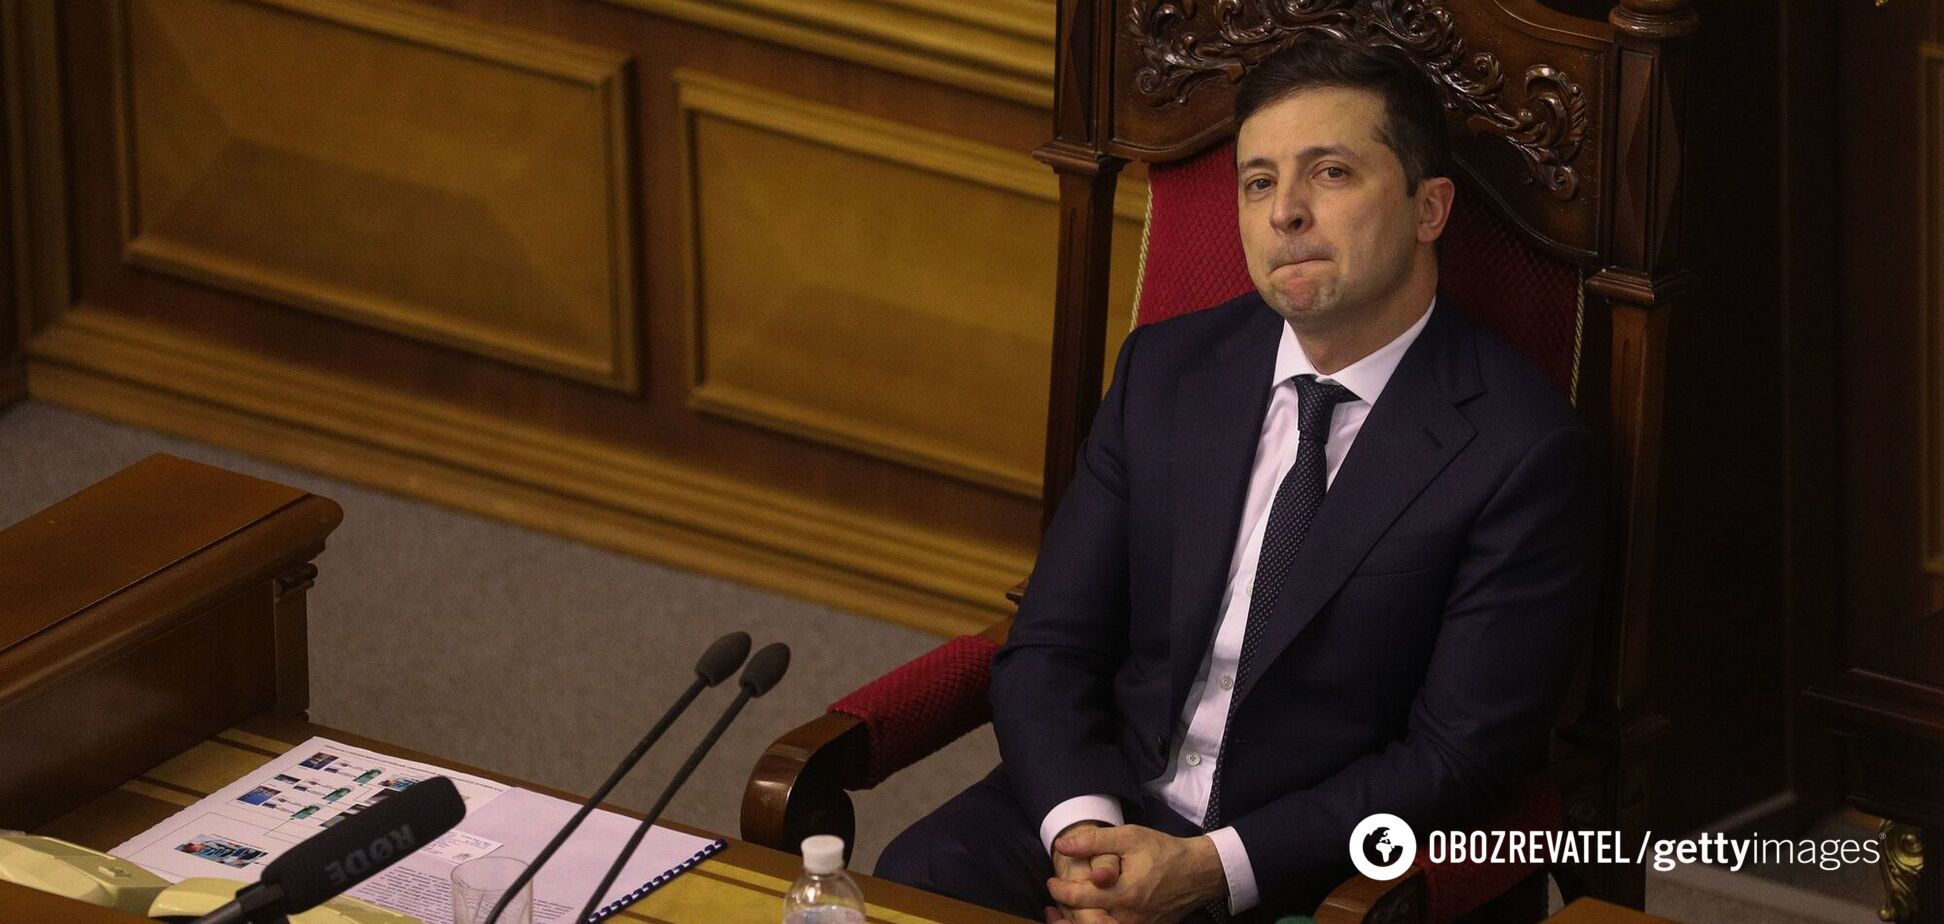 Зеленський розблокував велику приватизацію: підписано закон